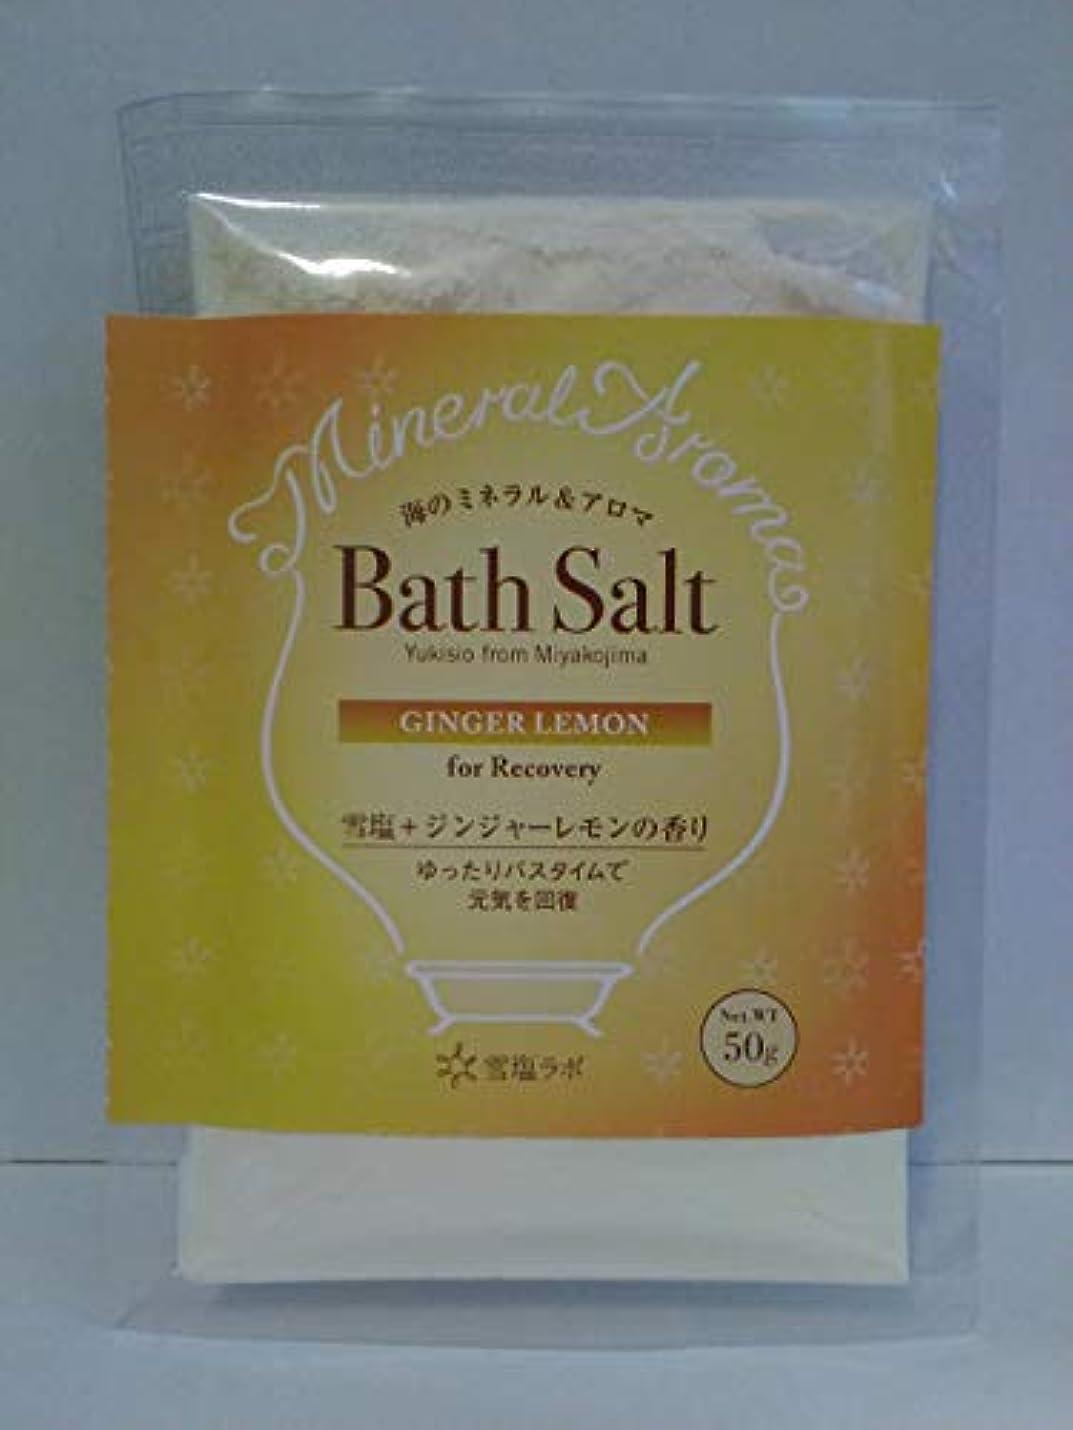 簡単に組開拓者海のミネラル&アロマ Bath Salt 雪塩+ジンジャーレモンの香り